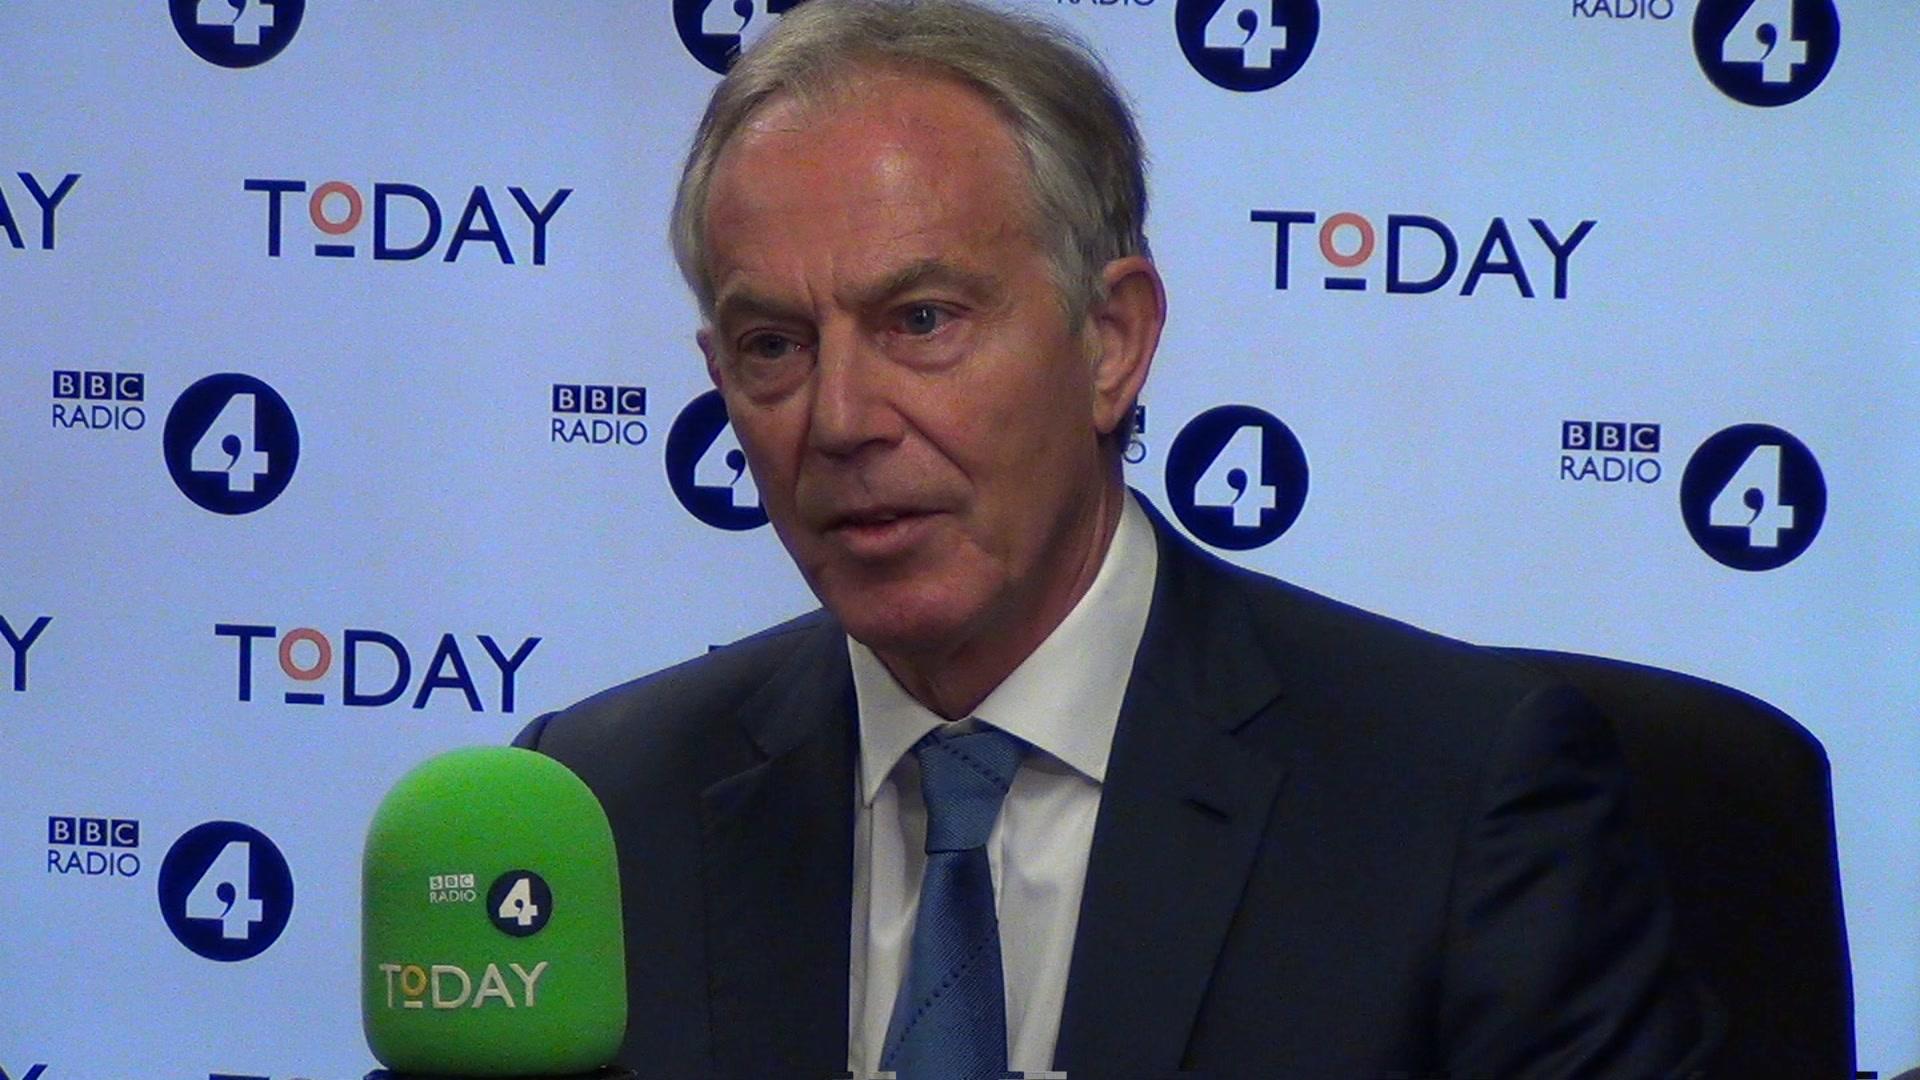 New Brexit referendum logical, says Tony Blair